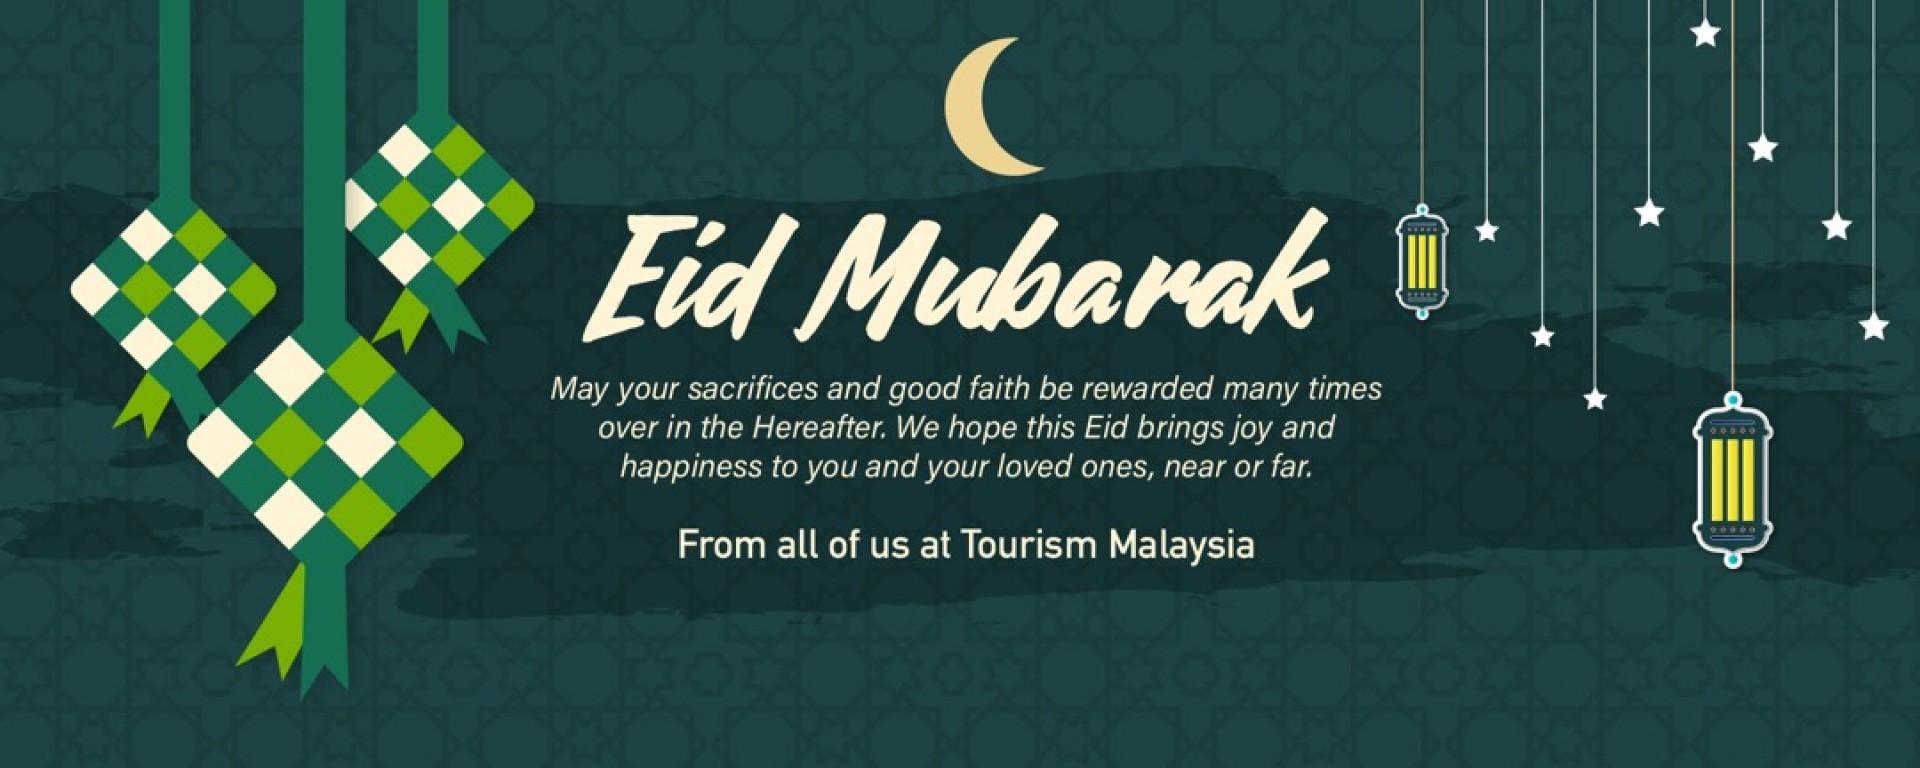 <div class='slider-left'><span class='caption'></span><div class='action '><a href='www.malaysia.travel' class='btn btn-danger btn-lg' target=''>Eid Mubarak</a></div></div>